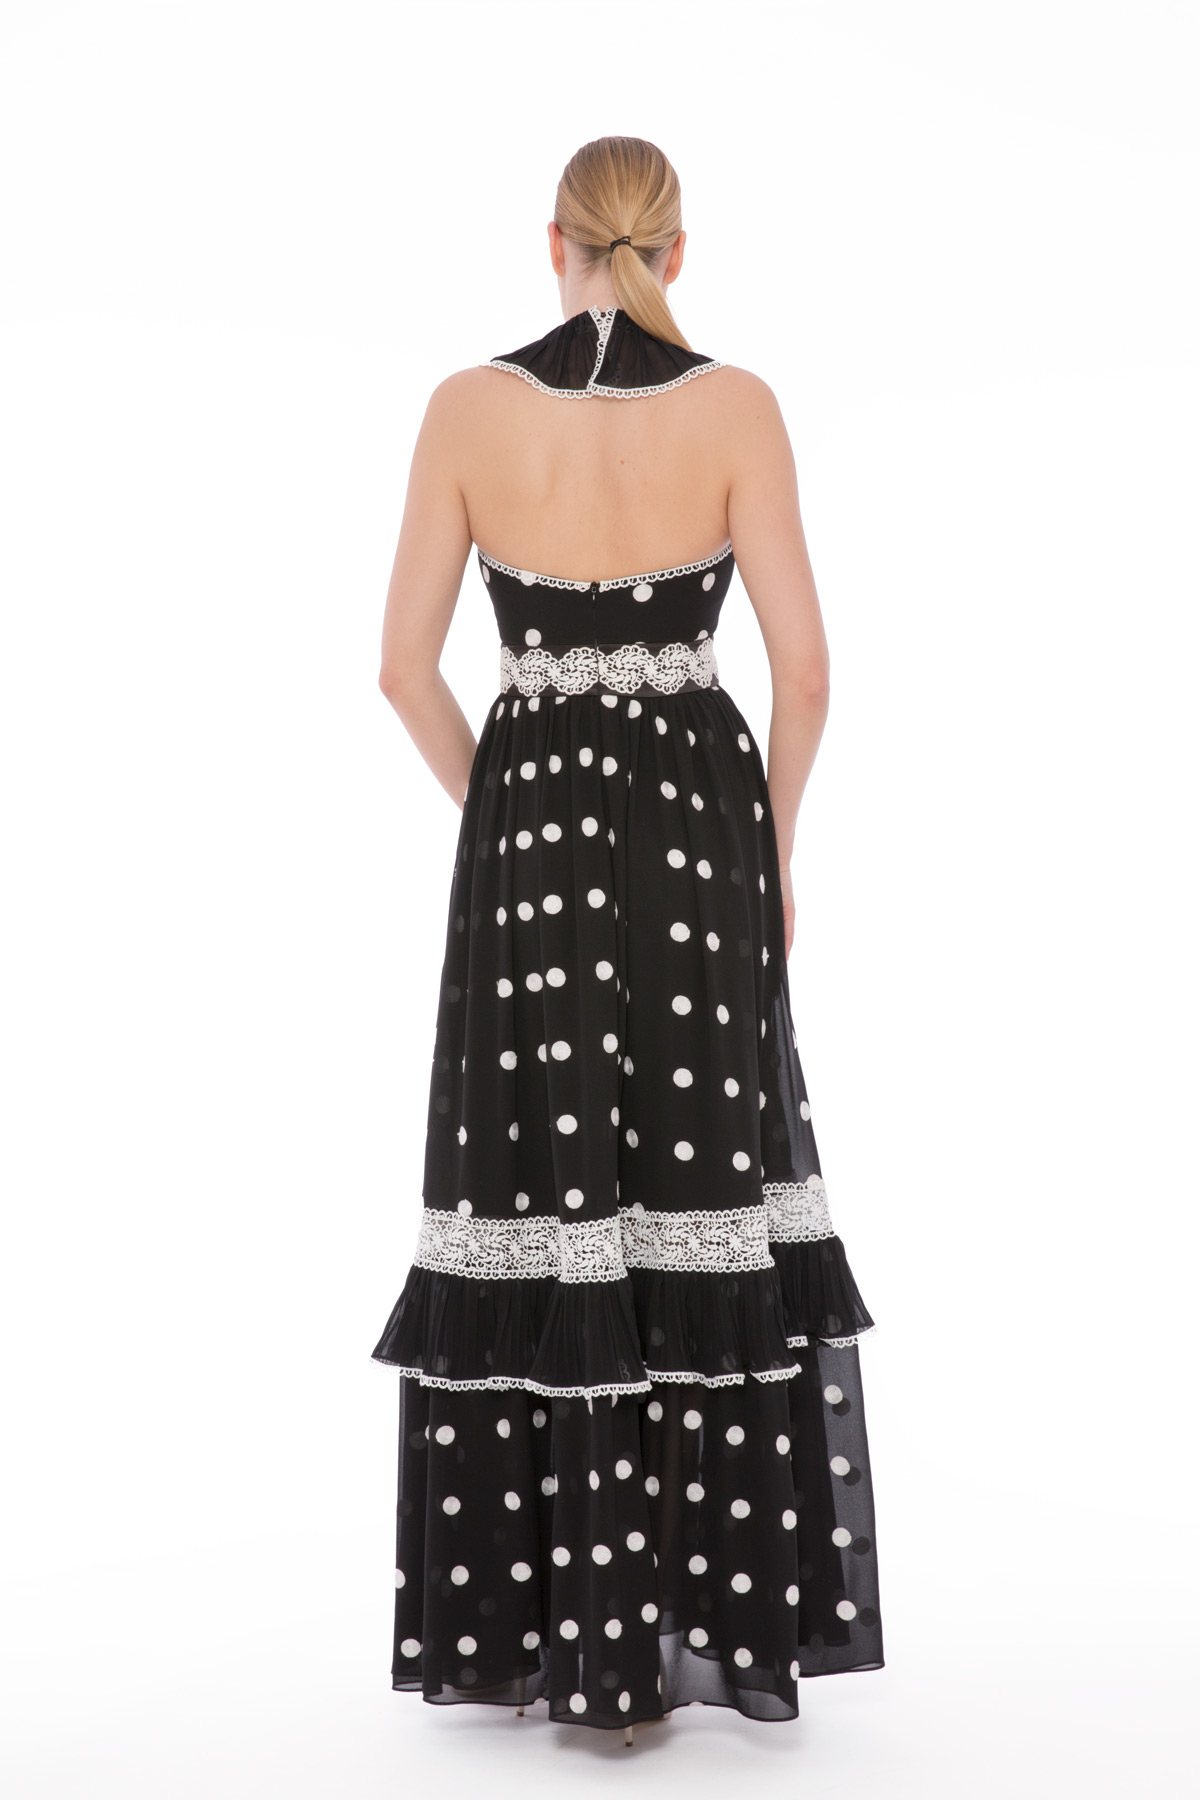 Fırfırlı, Şerit Dantelli Uzun Puanlı Elbise